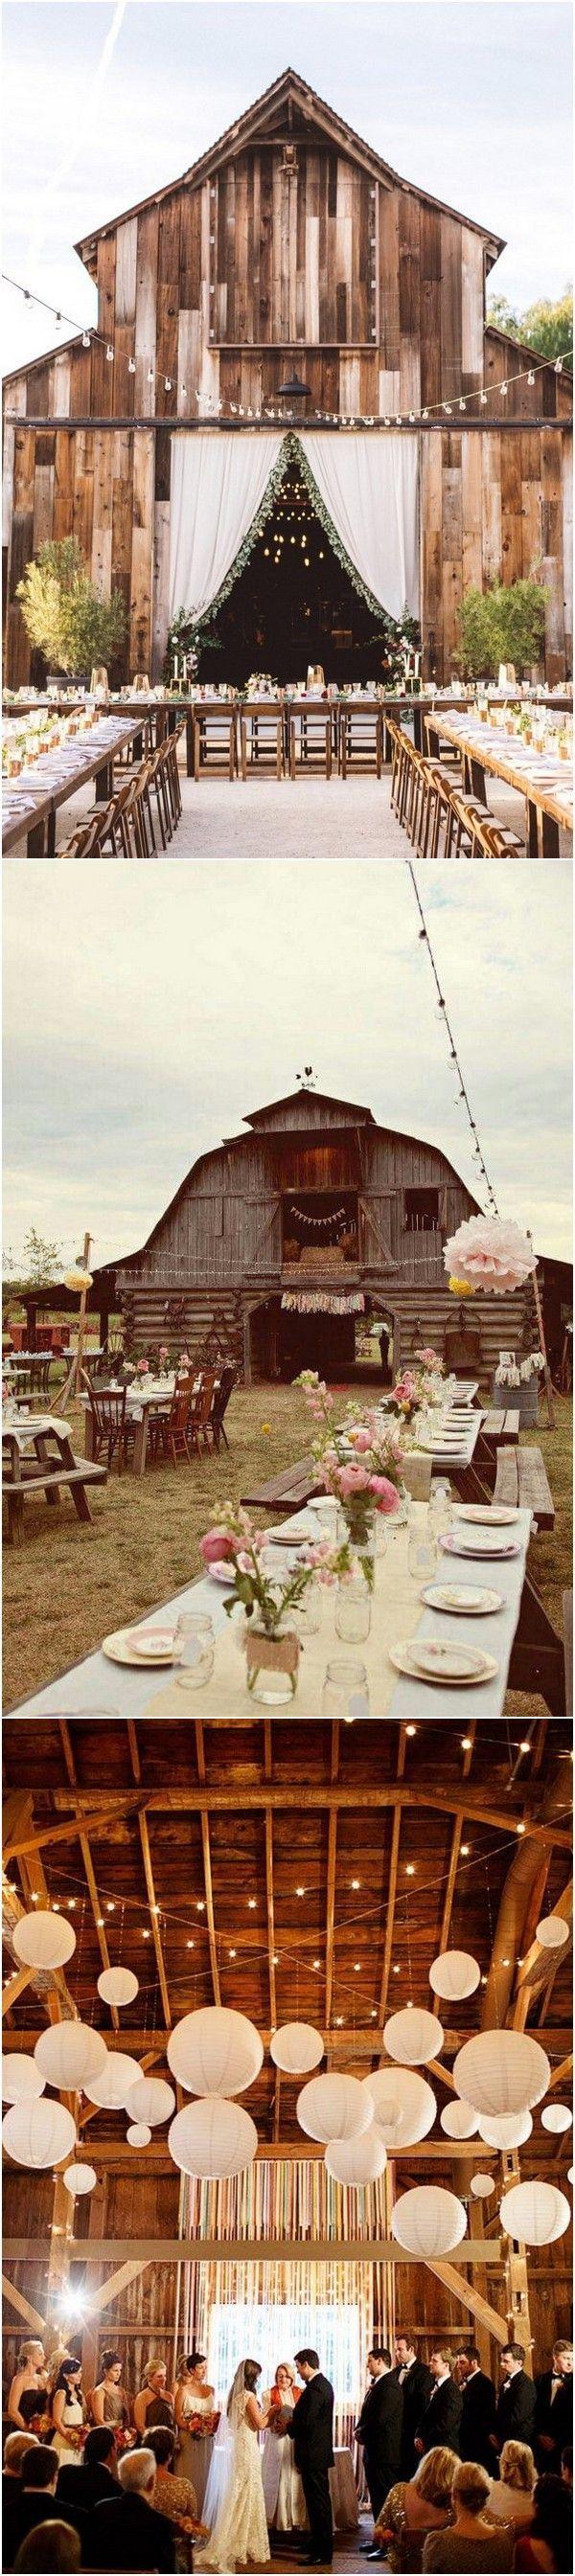 Wedding decorations outside house february 2019  best Esküvői fogadás images on Pinterest  Wedding ideas Flower